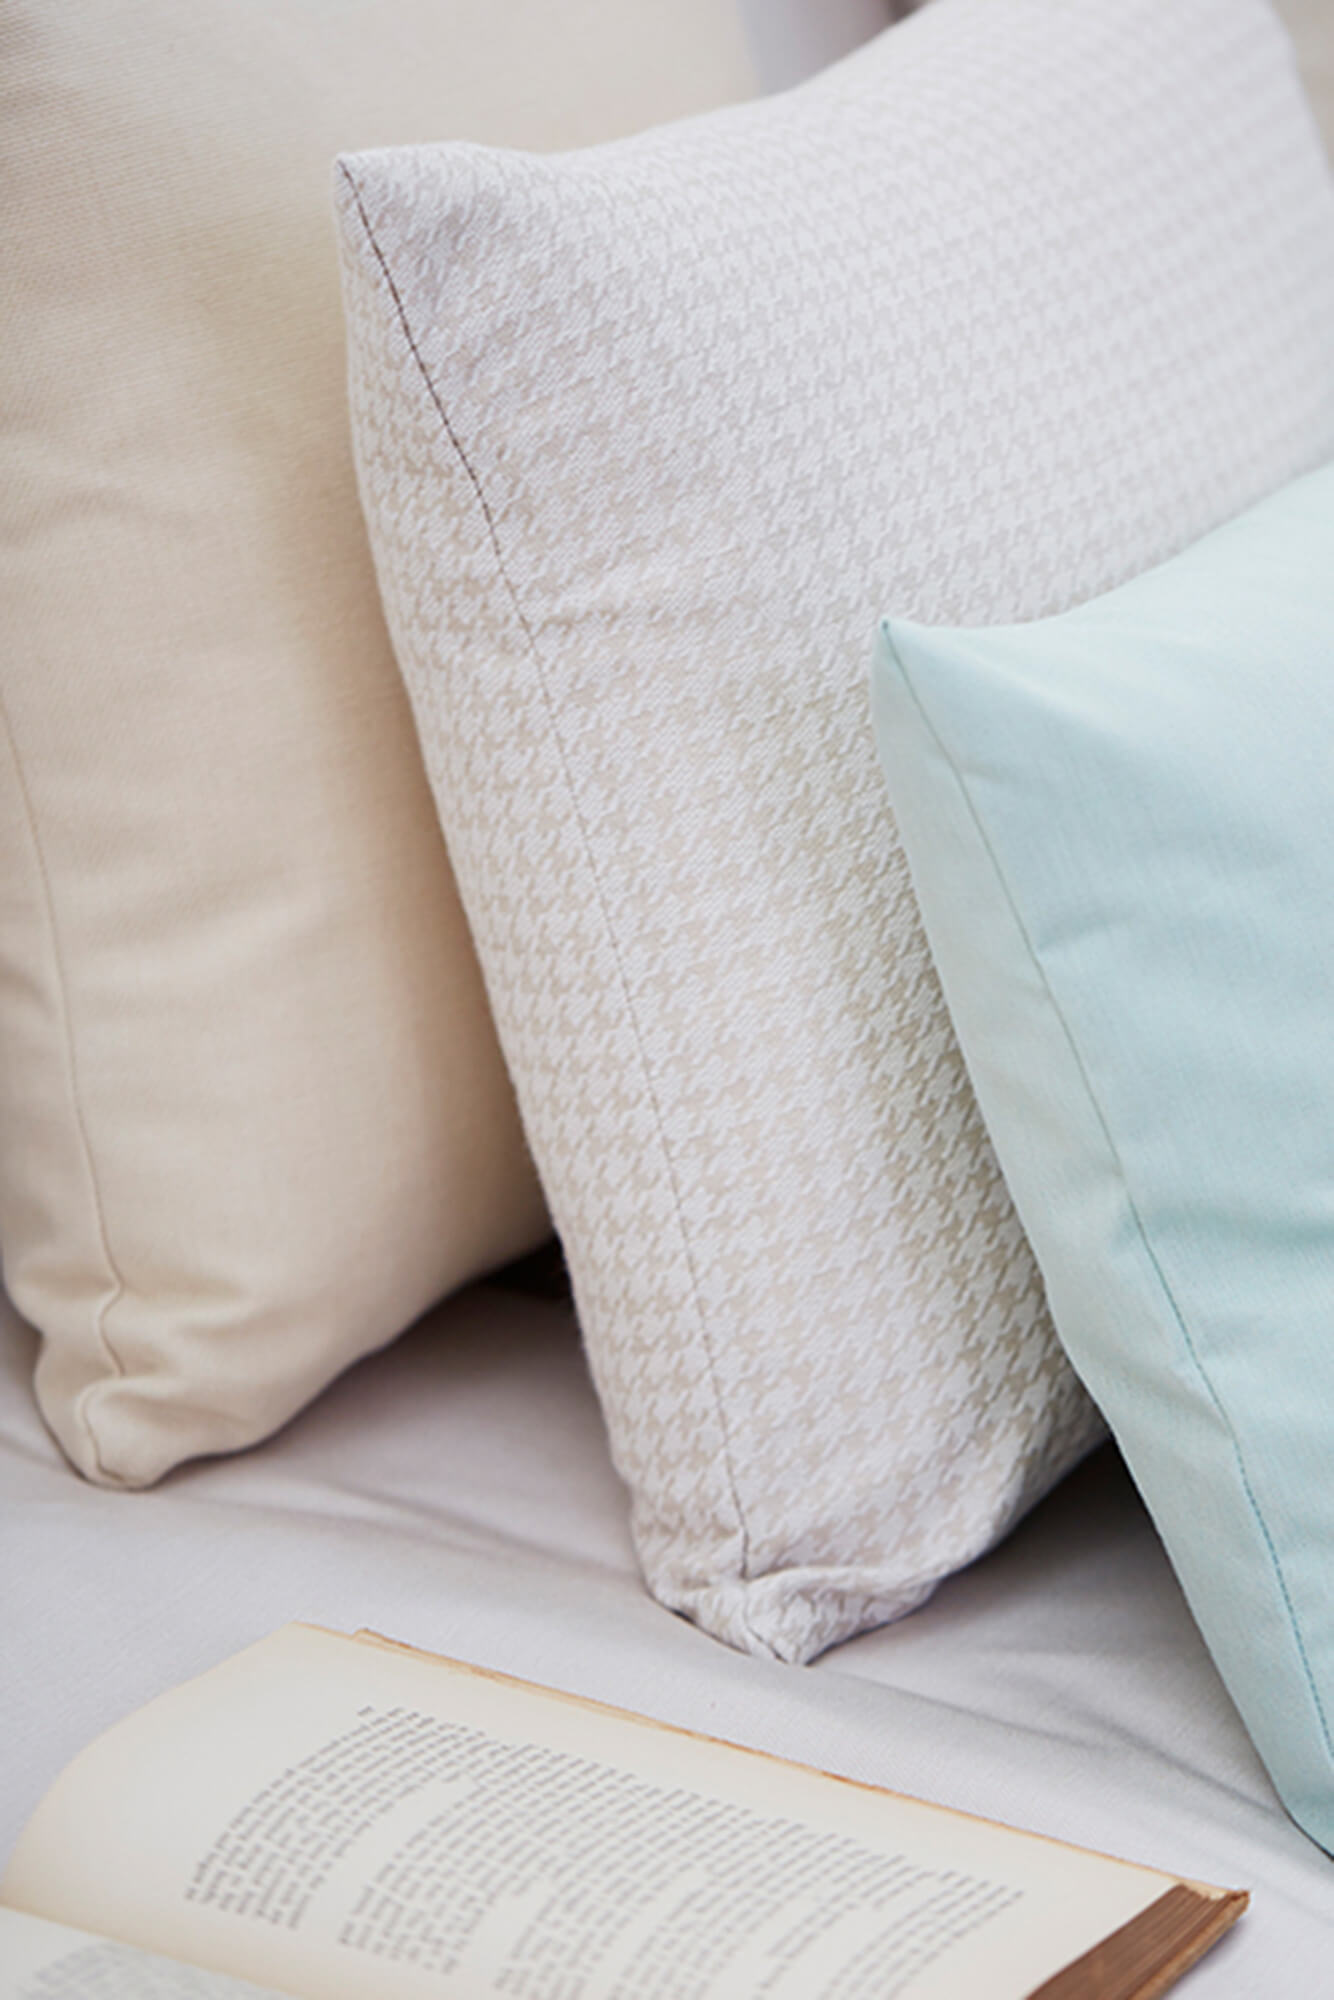 หมอนสีน้ำเงินเขียวและสีกลางทำจากผ้า Sunbrella วางอยู่บนโซฟาสีขาว